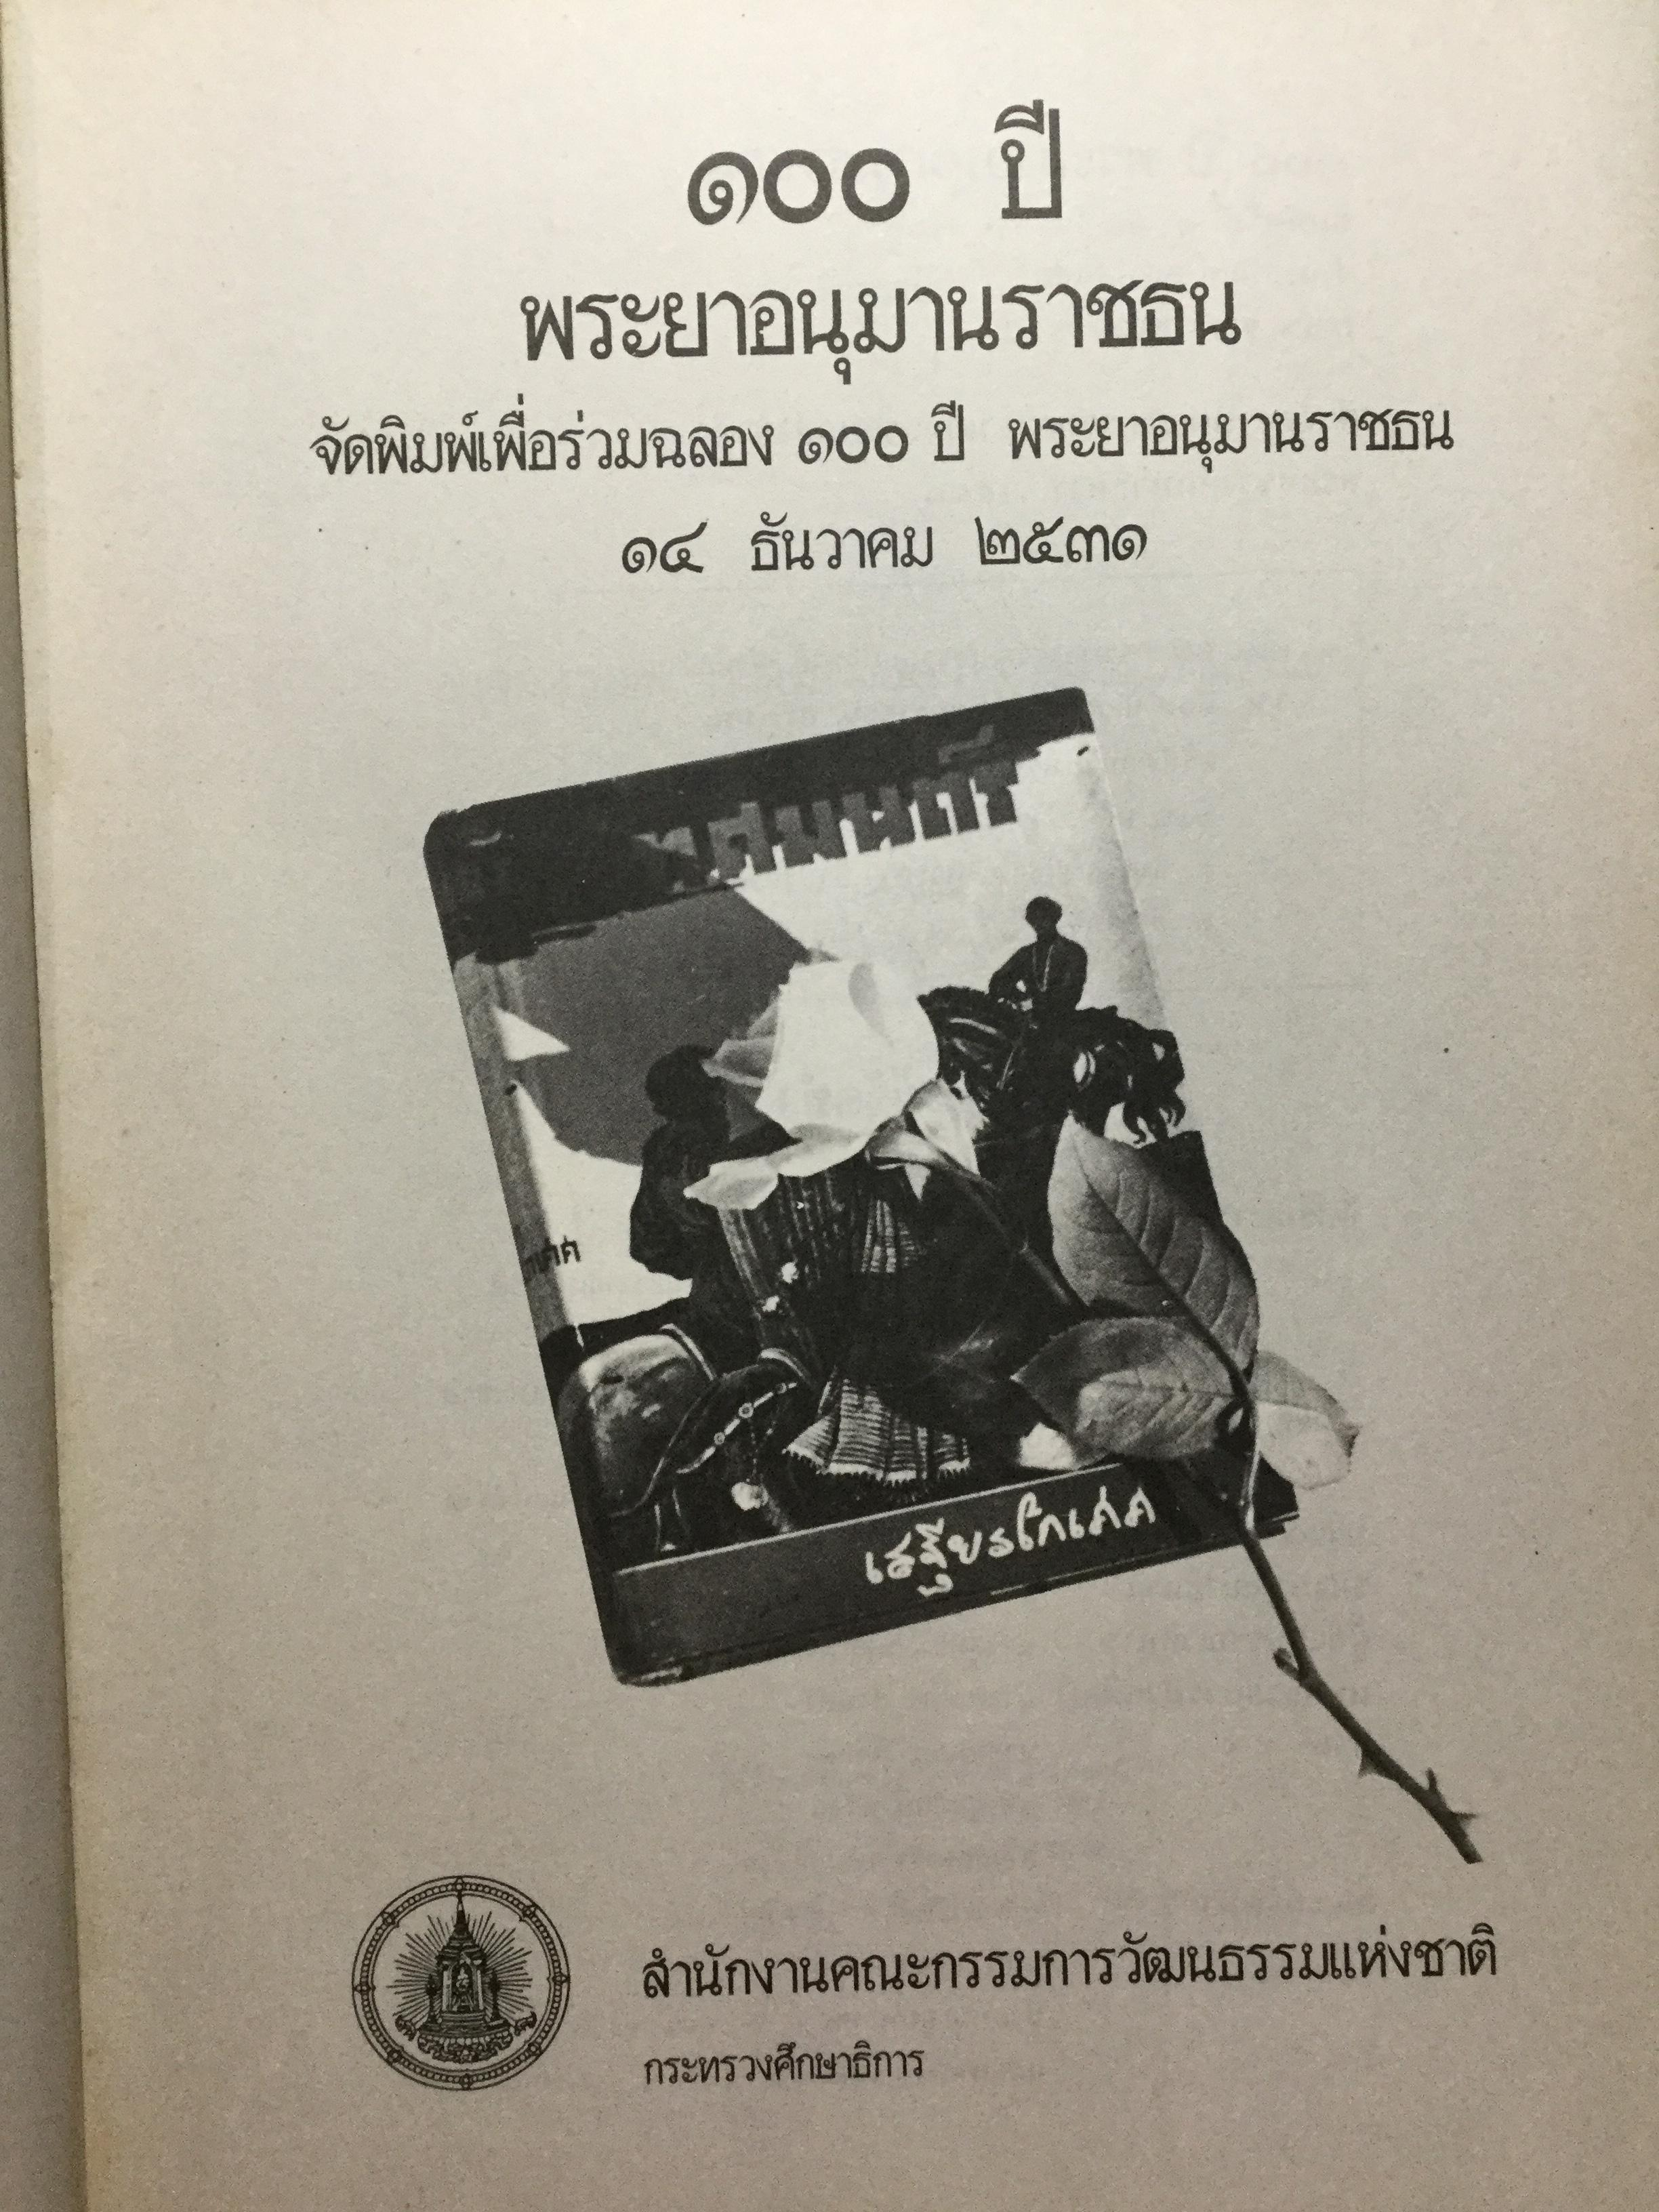 100 ปี พระยาอนุมานราชธน จัดพิมพ์เพื่อร่วมฉลอง 100 ปี พระะยาอนุมานราชธน. 14 ธันวาคม 2541